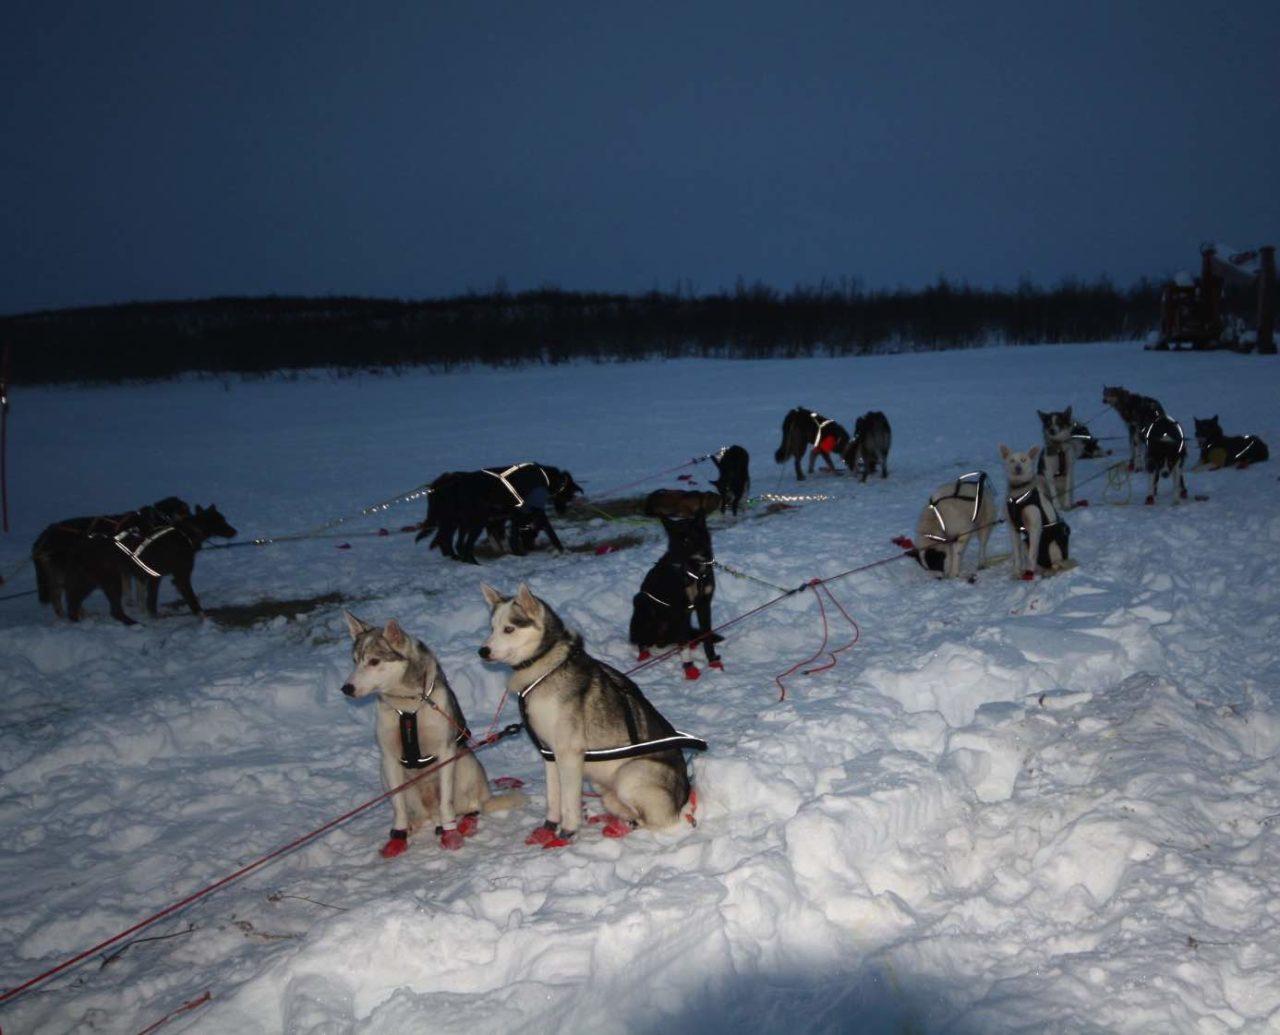 hunder-hundespann-1280x1035.jpg